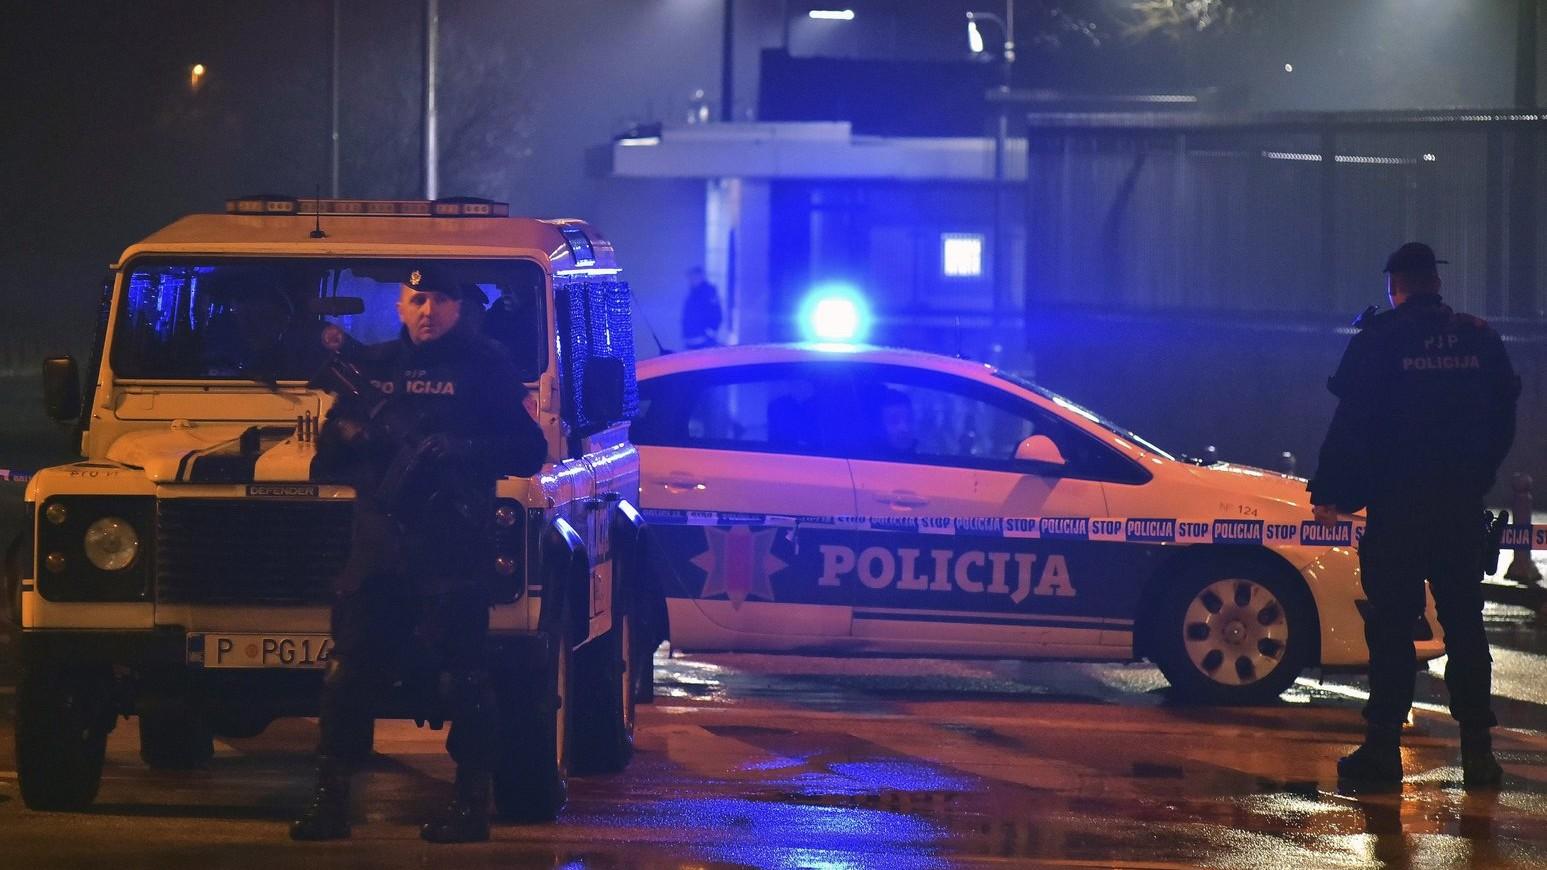 Rendőrök az Egyesült Államok nagykövetségi épületénél a montenegrói fővárosban, Podgoricában 2018. február 22-én hajnalban, miután egy ismeretlen férfi kézigránátot dobott az épületre, majd egy másik robbanószerkezettel felrobbantotta magát (Fotó: MTI/AP/Risto Bozovic)